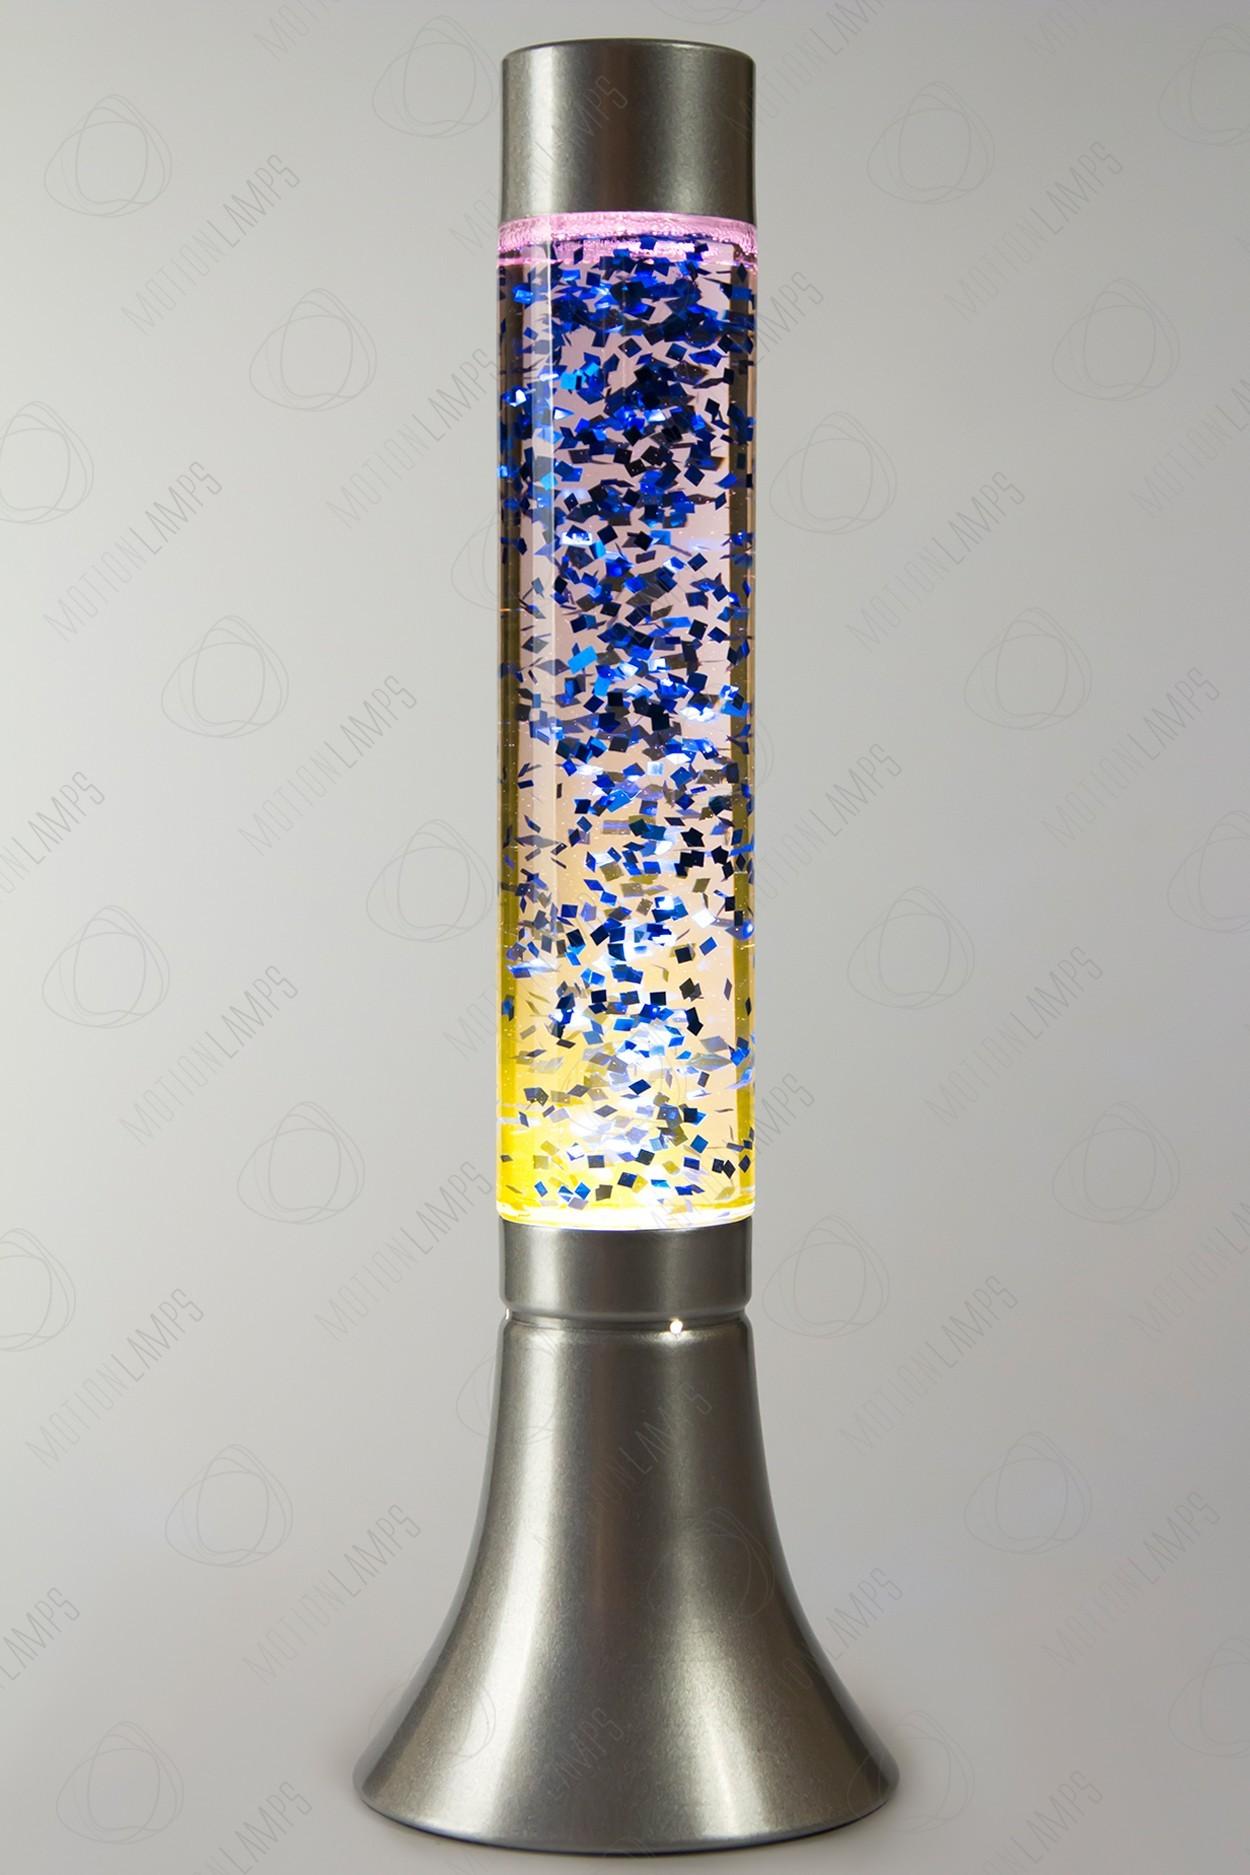 Лава-лампа (цвет — фиолетовый с синими блёстками)